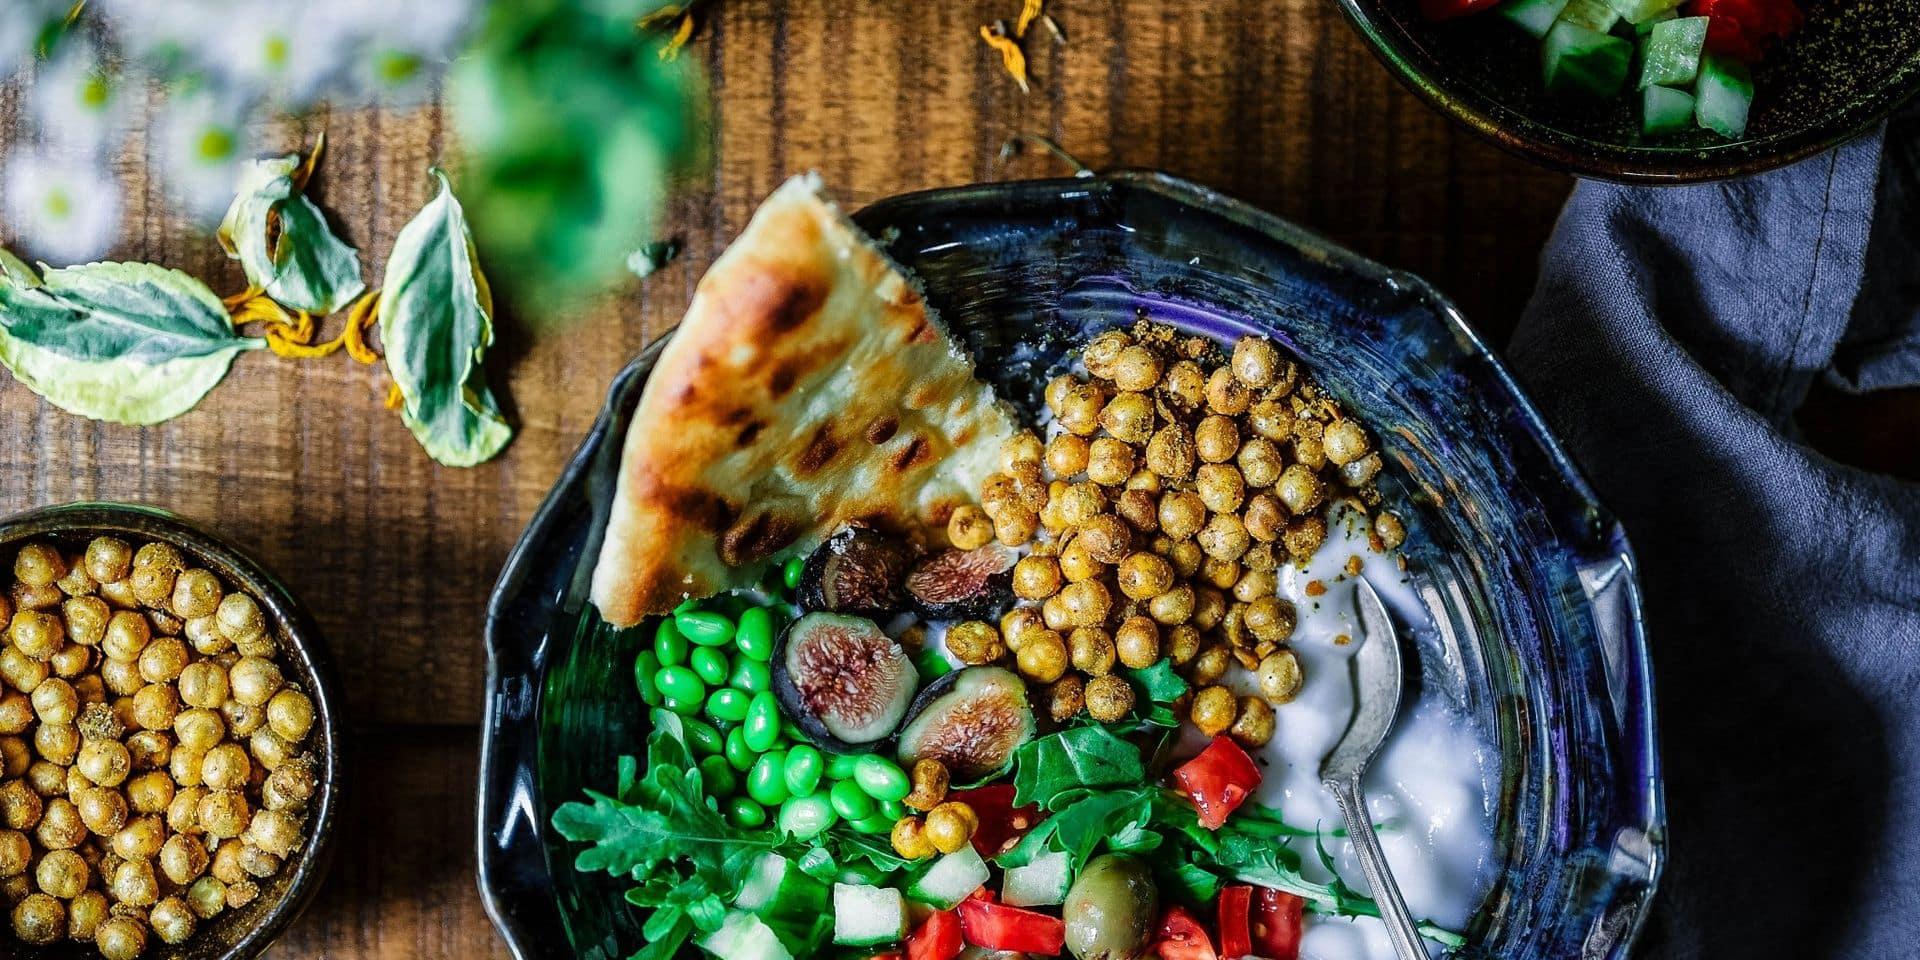 Maigrir et préserver sa santé : voici le top des régimes alimentaires pour 2020